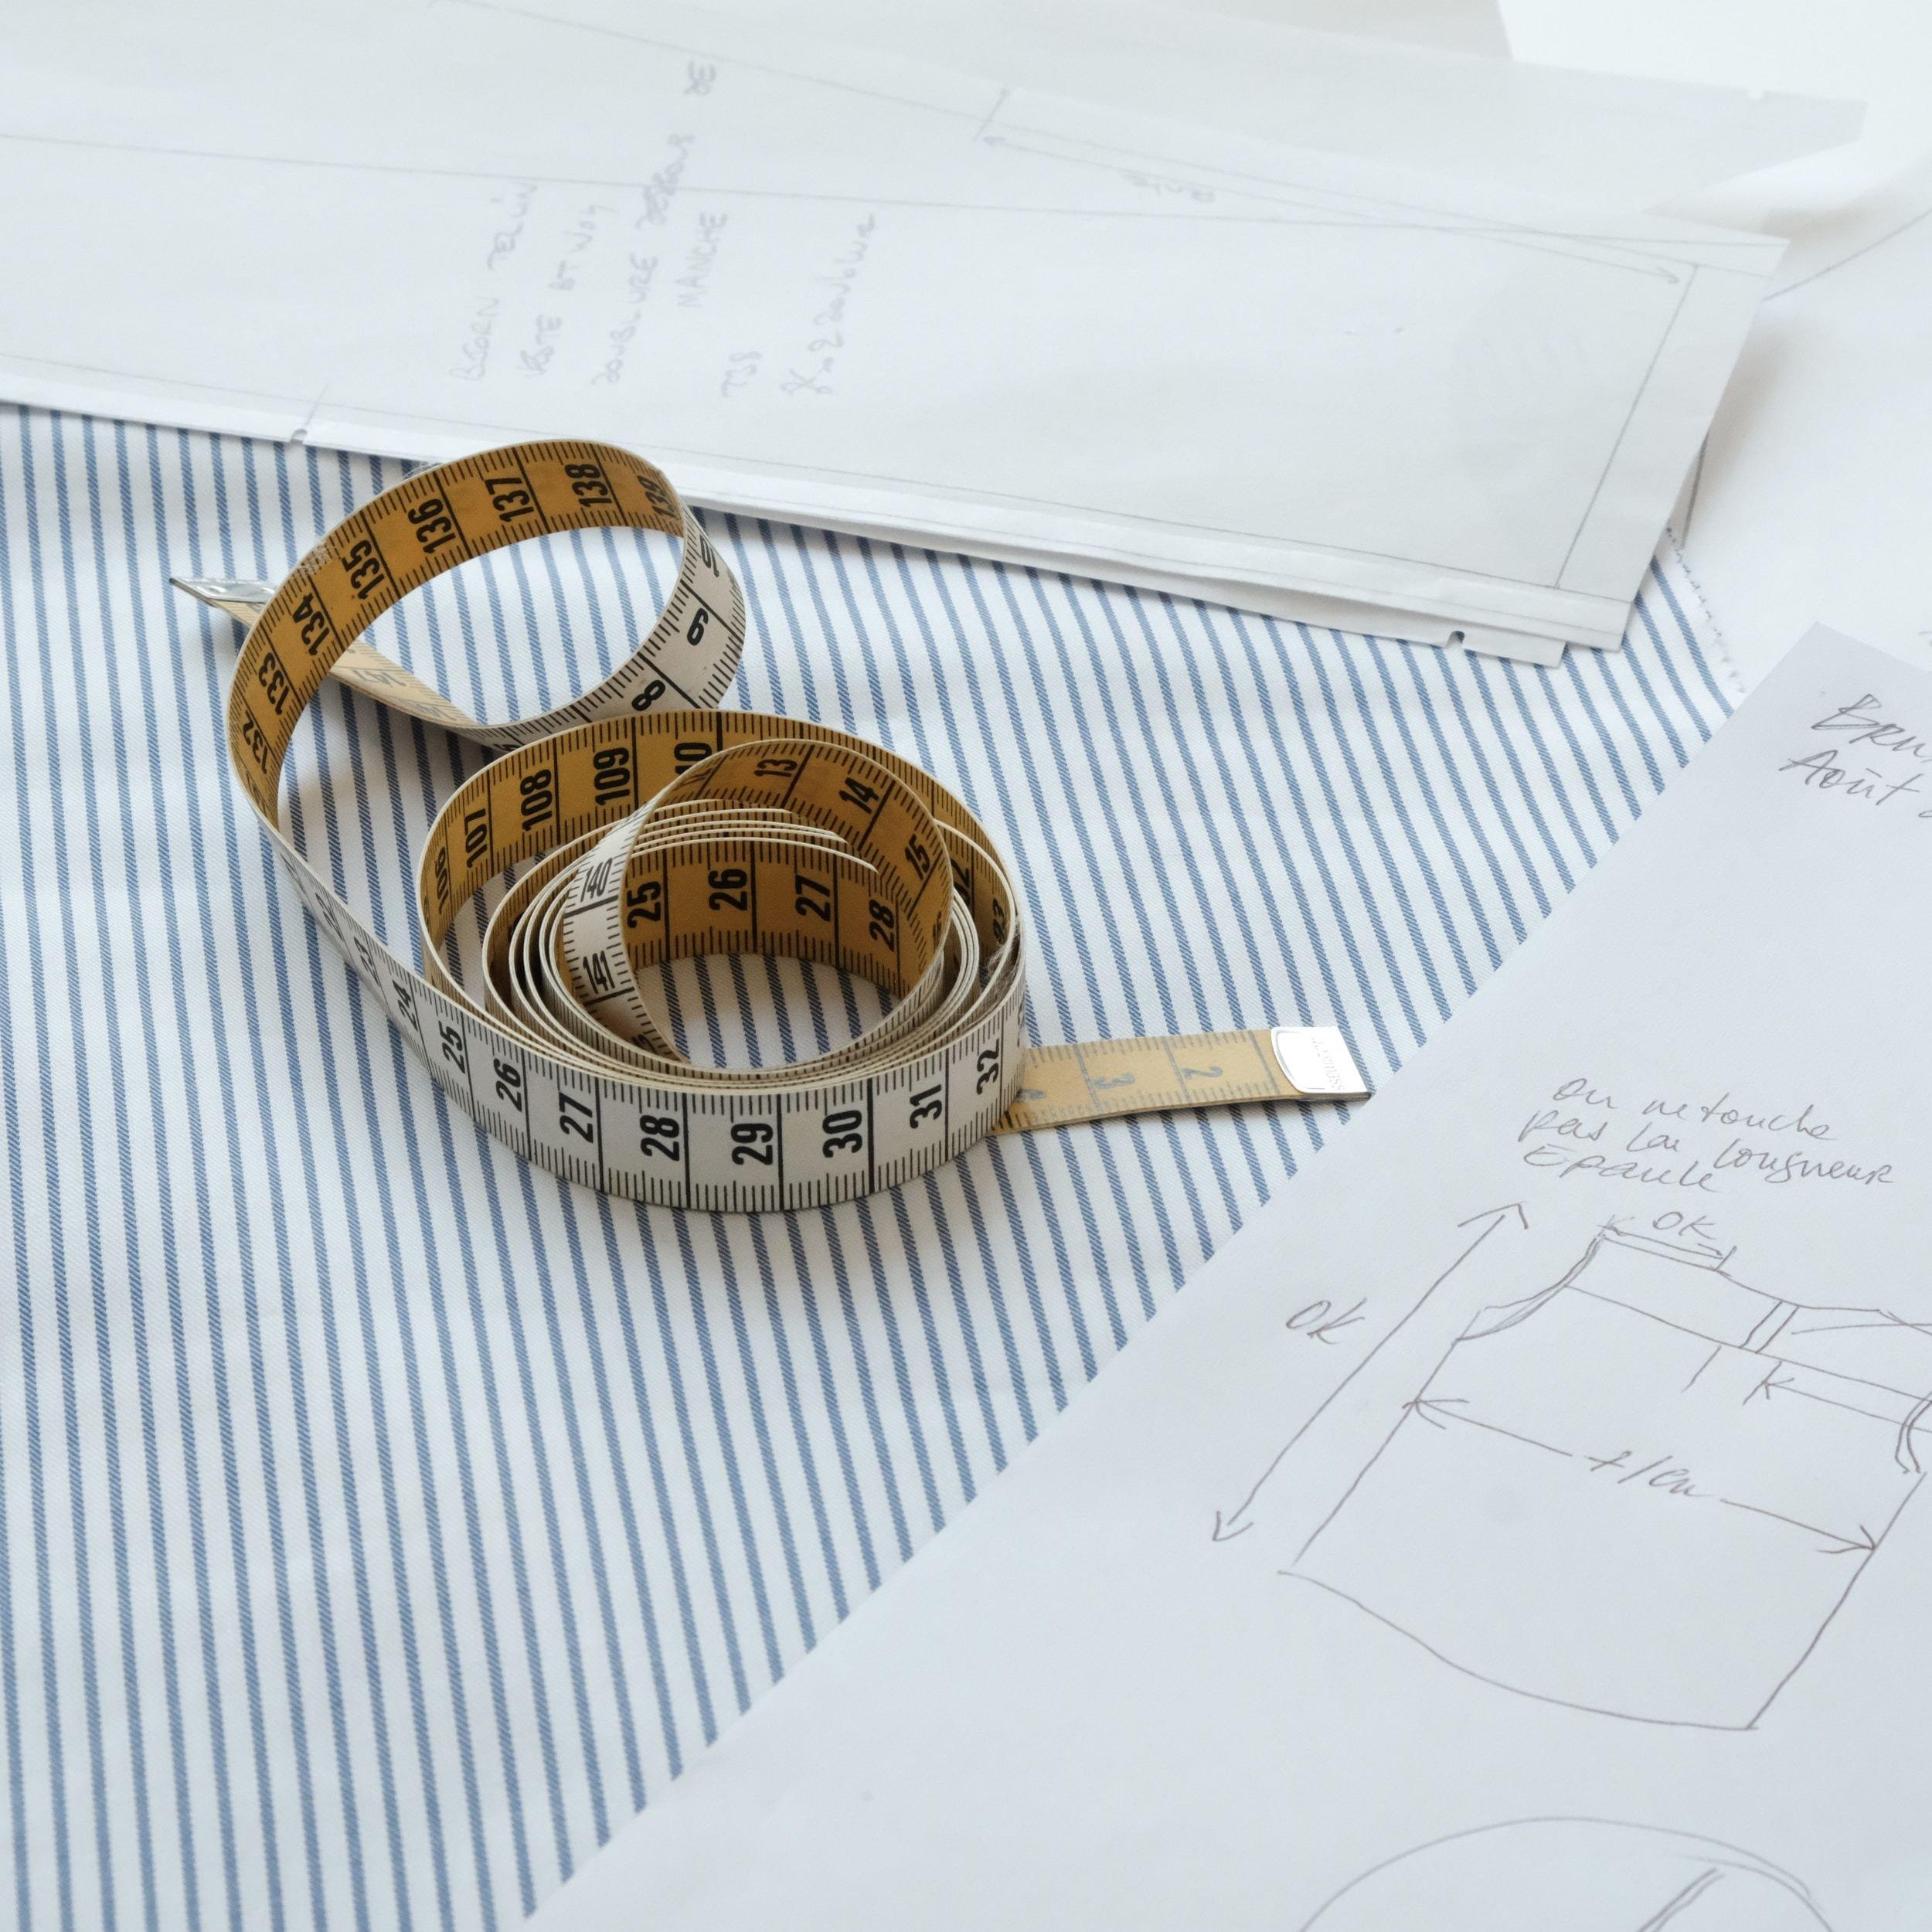 mètre de couture sur croquis, main et crayon